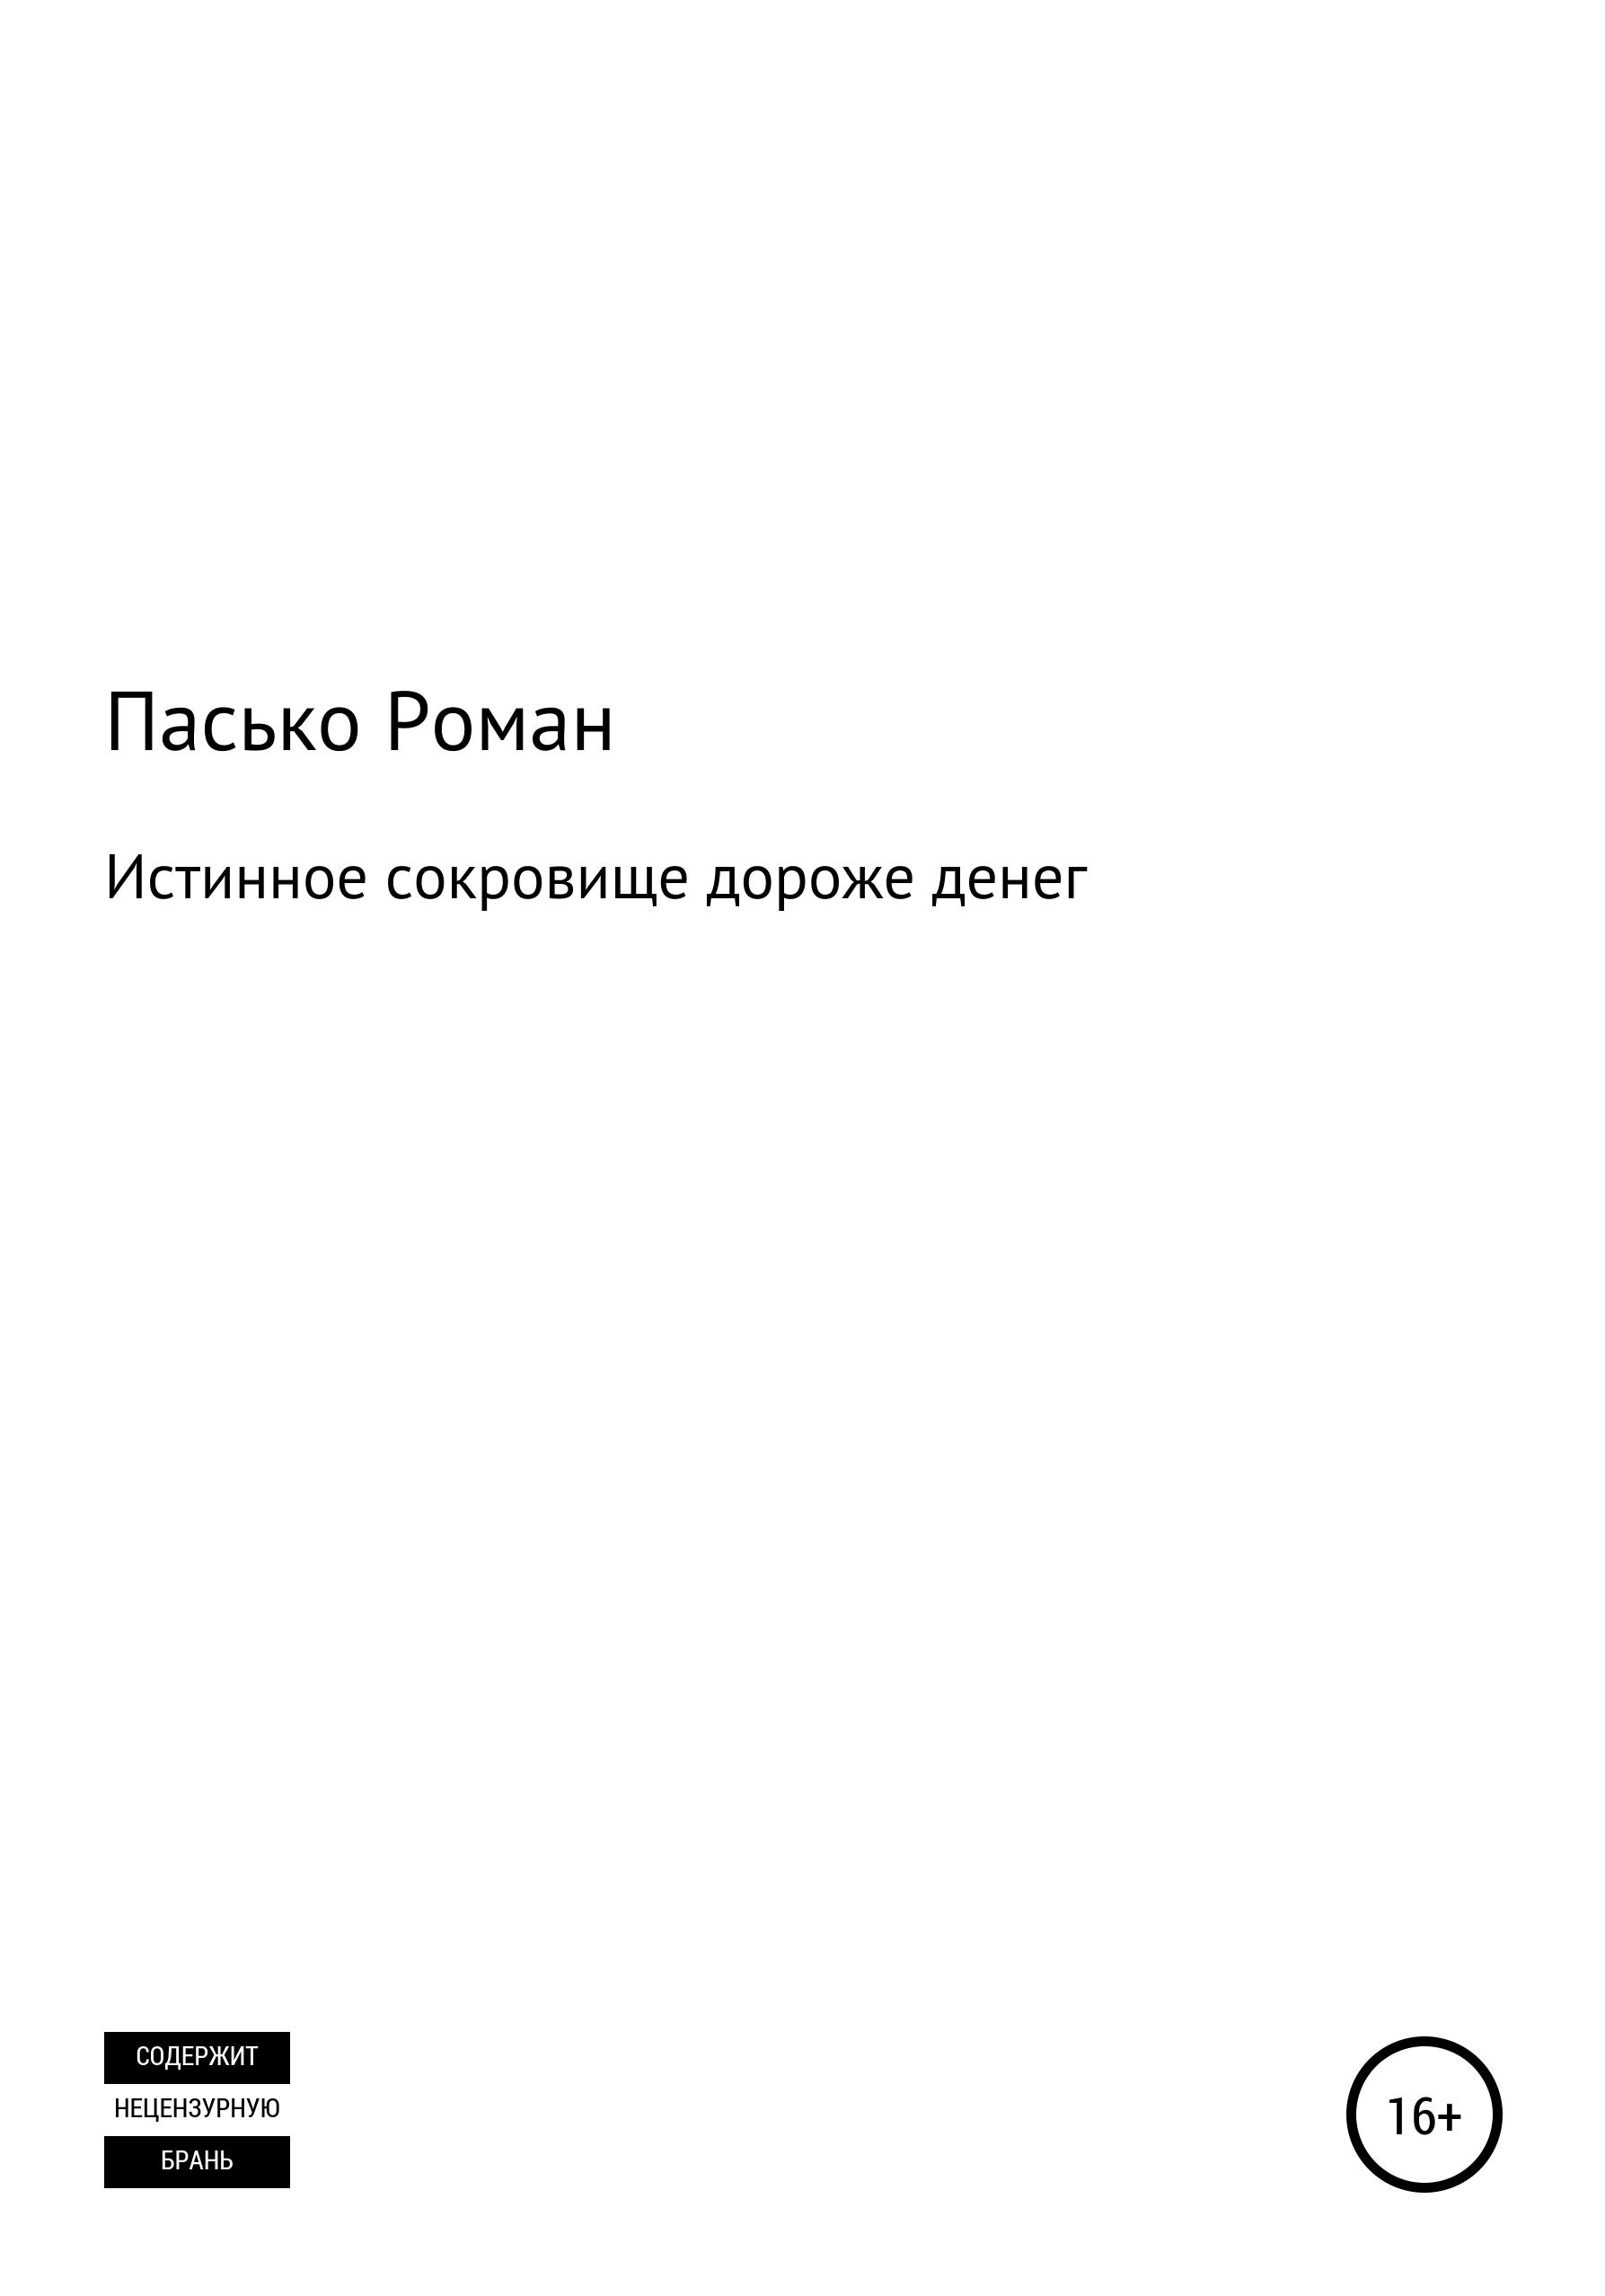 Роман Пасько - Истинное сокровище дороже денег